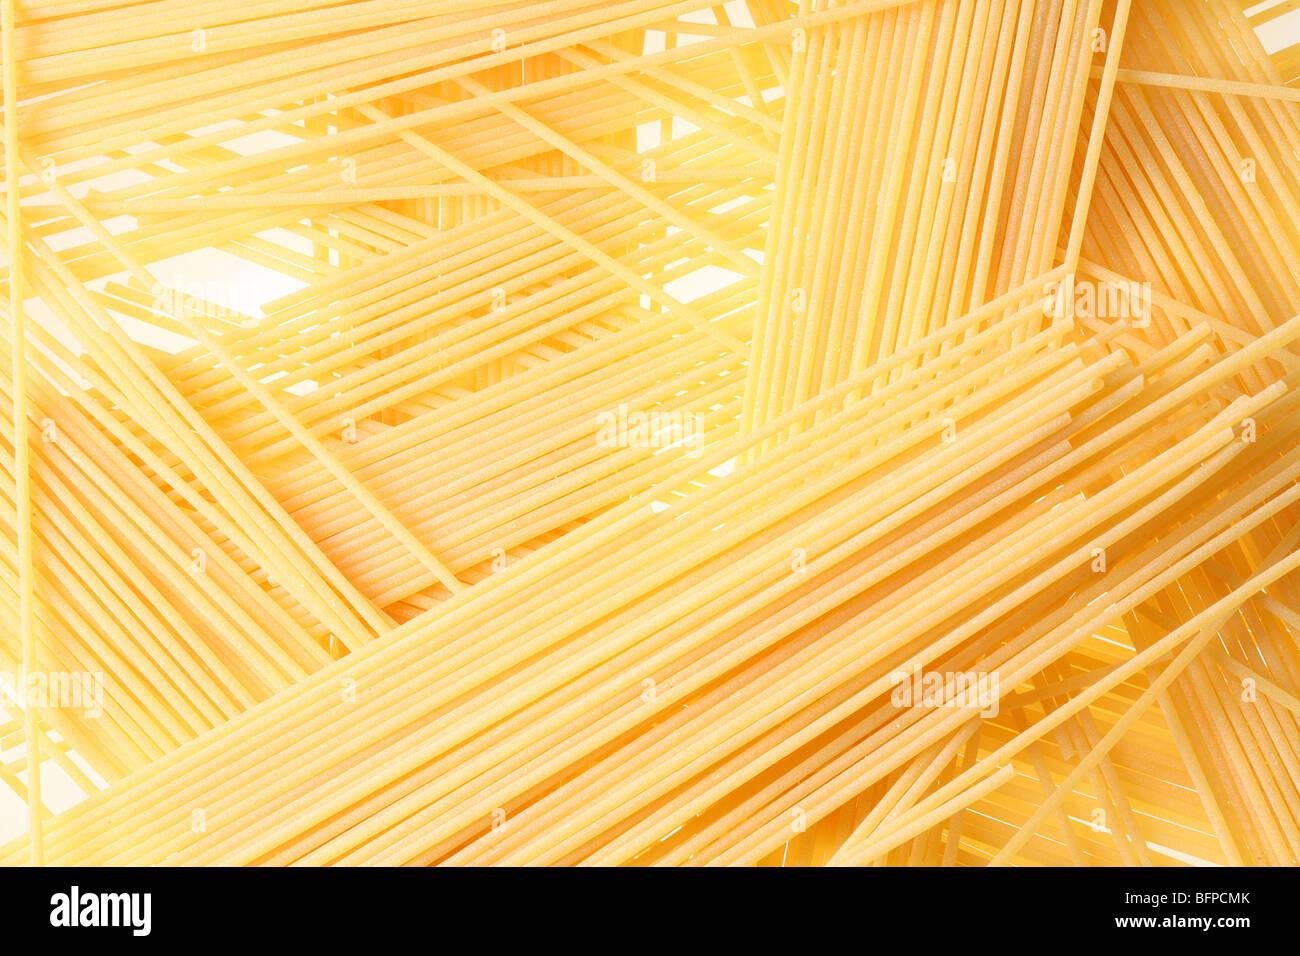 Torna proiettata (illuminato) lo spagetti (pasta) Immagini Stock